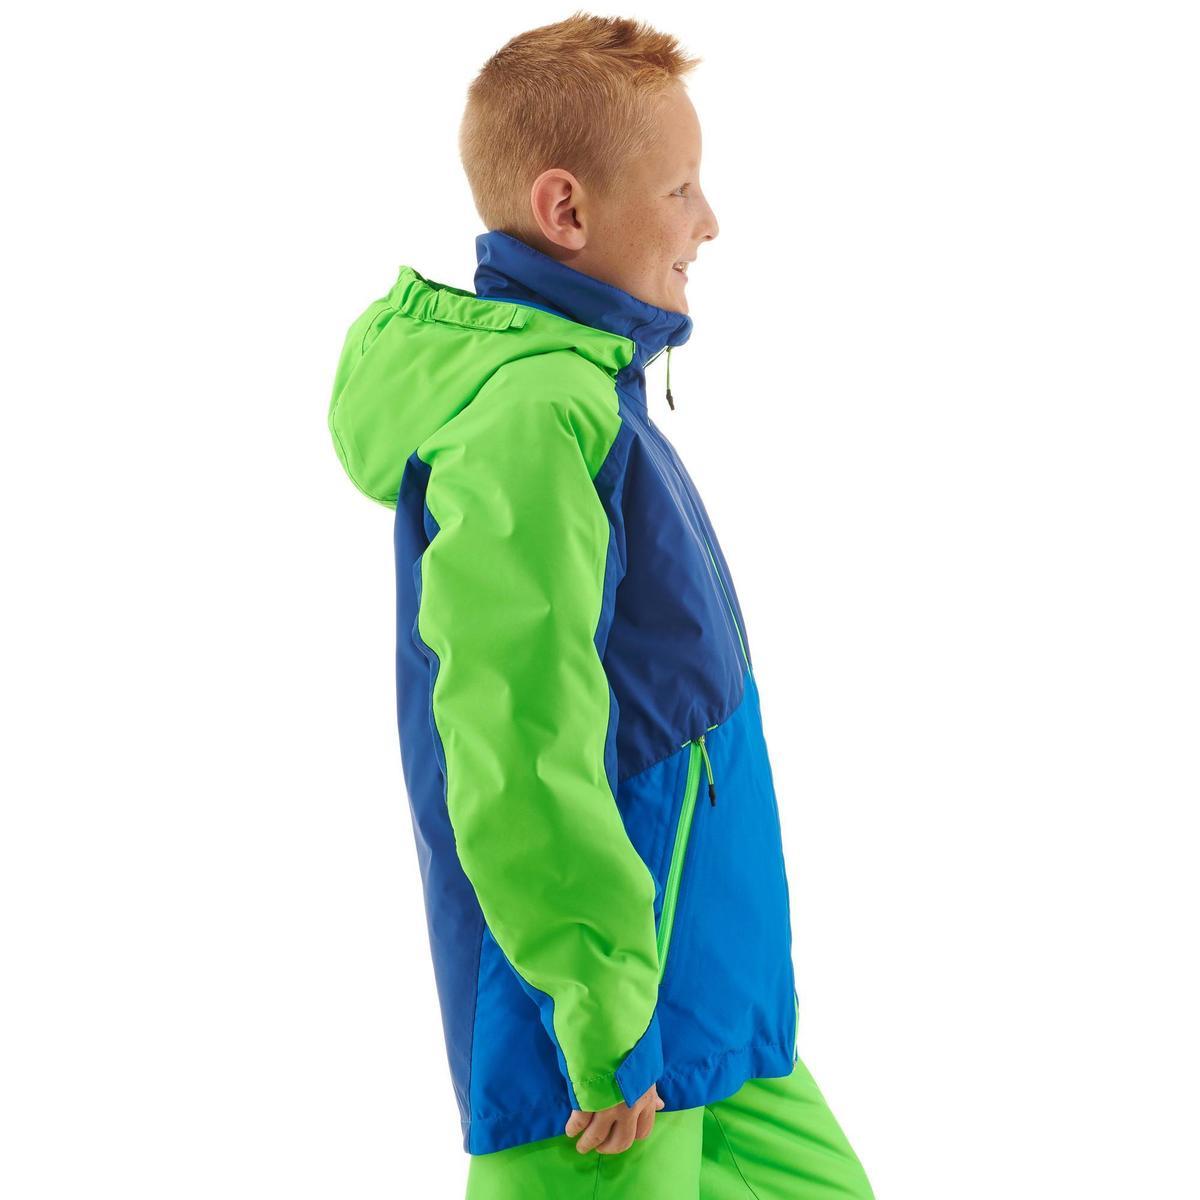 Bild 5 von Skijacke 580 Kinder blau/grün